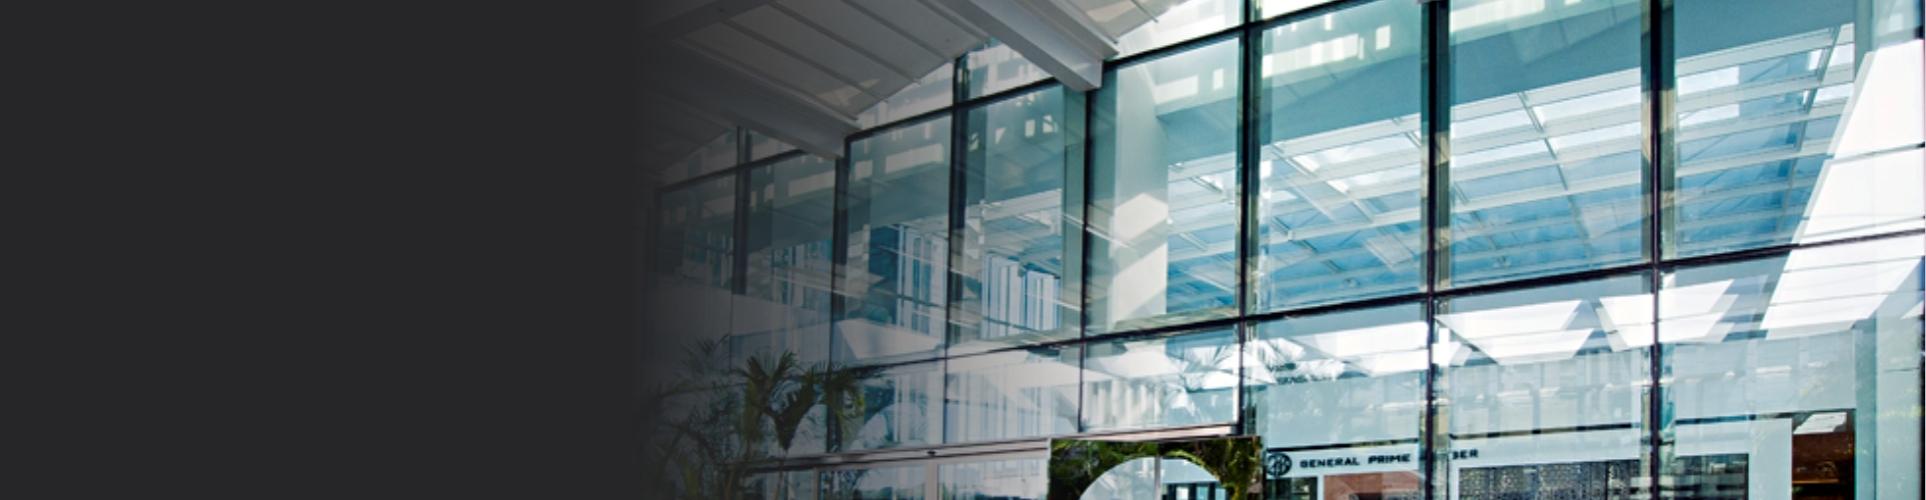 Saiba mais sobre Vidros Insulados!